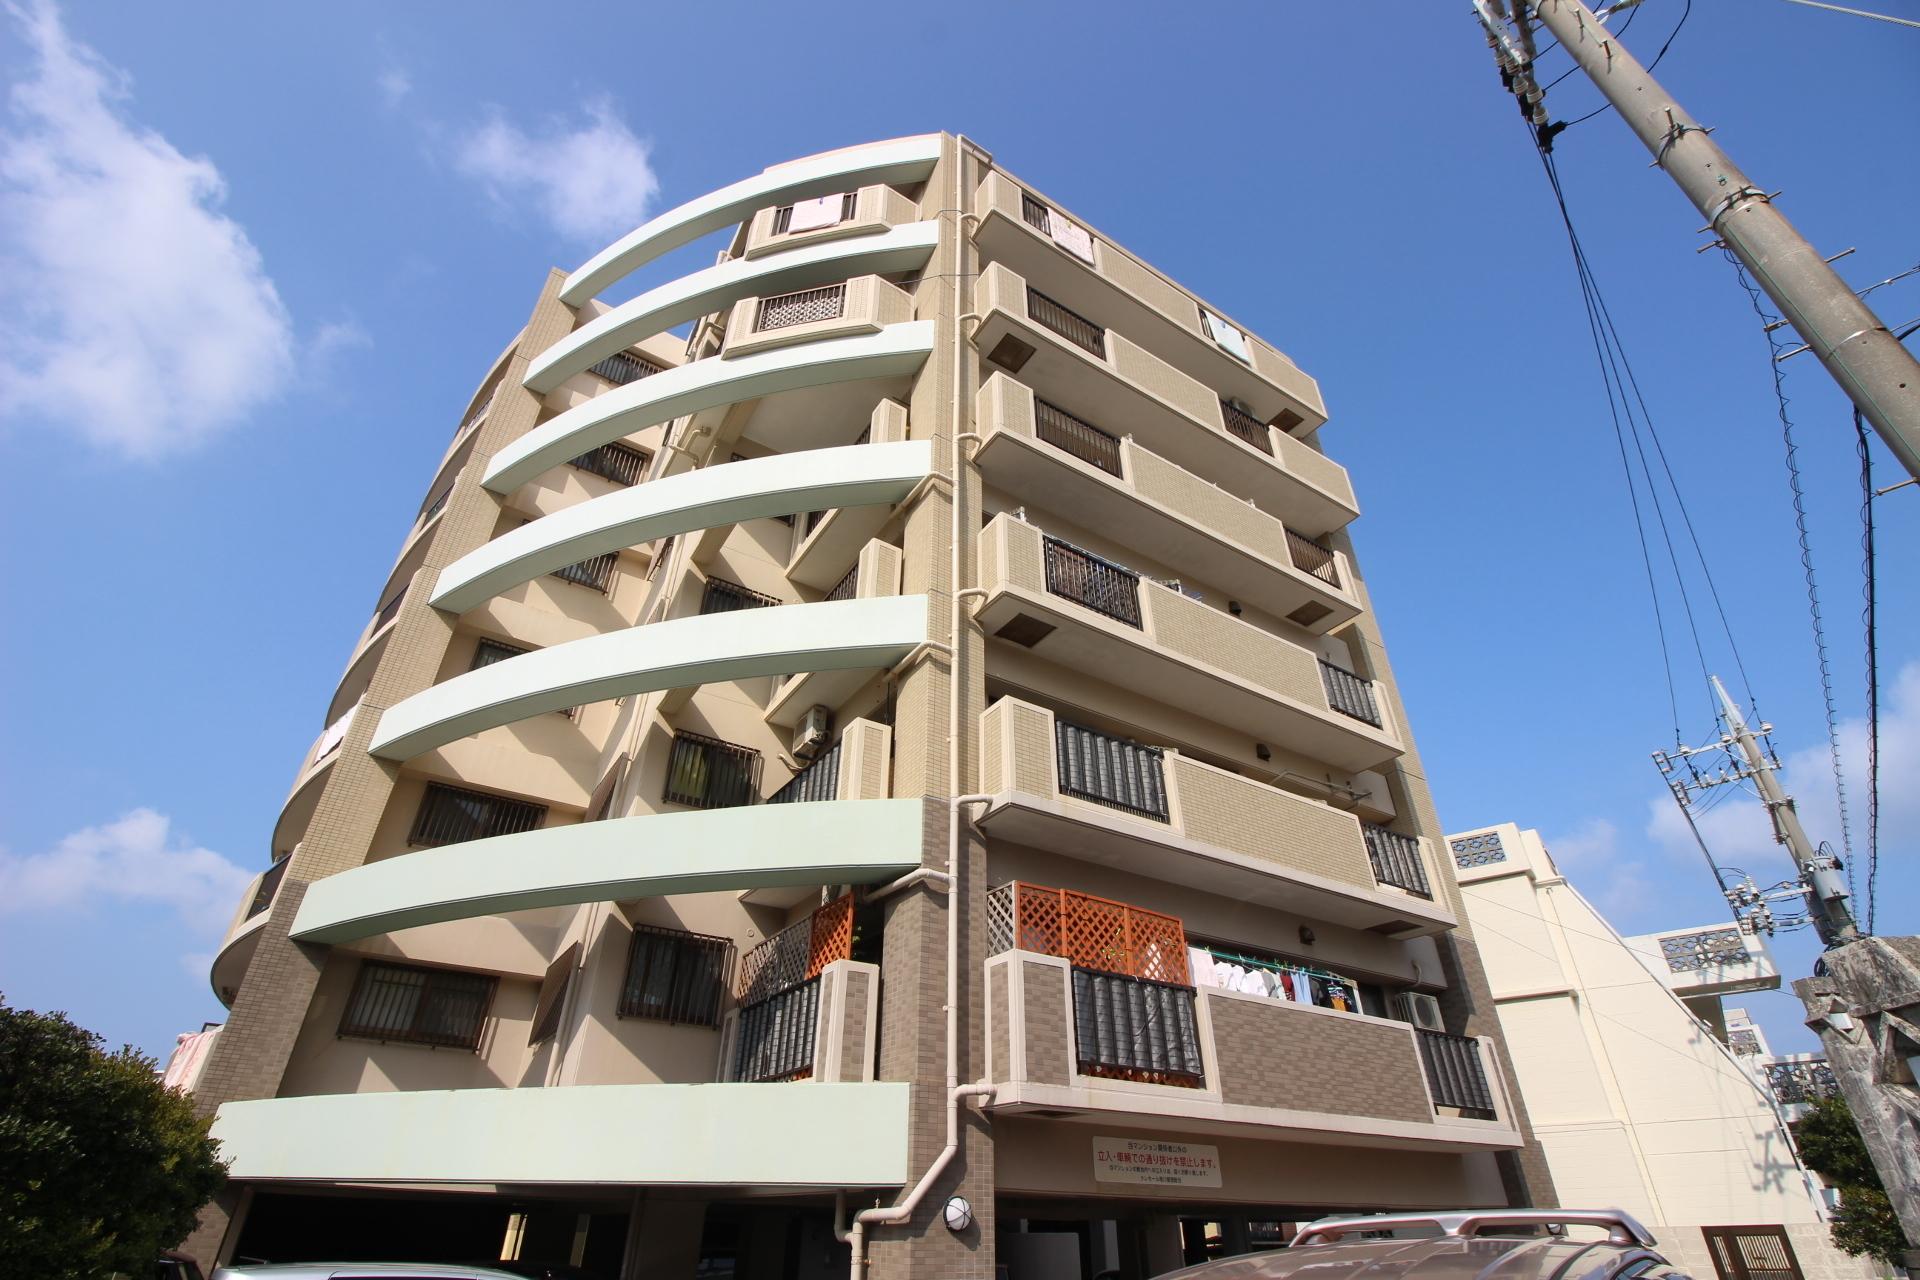 【外観写真】 最上階の角部屋!オーシャンビューの2面バルコニー!全居室収納有り!駐車場1台無料!水回りに窓有り